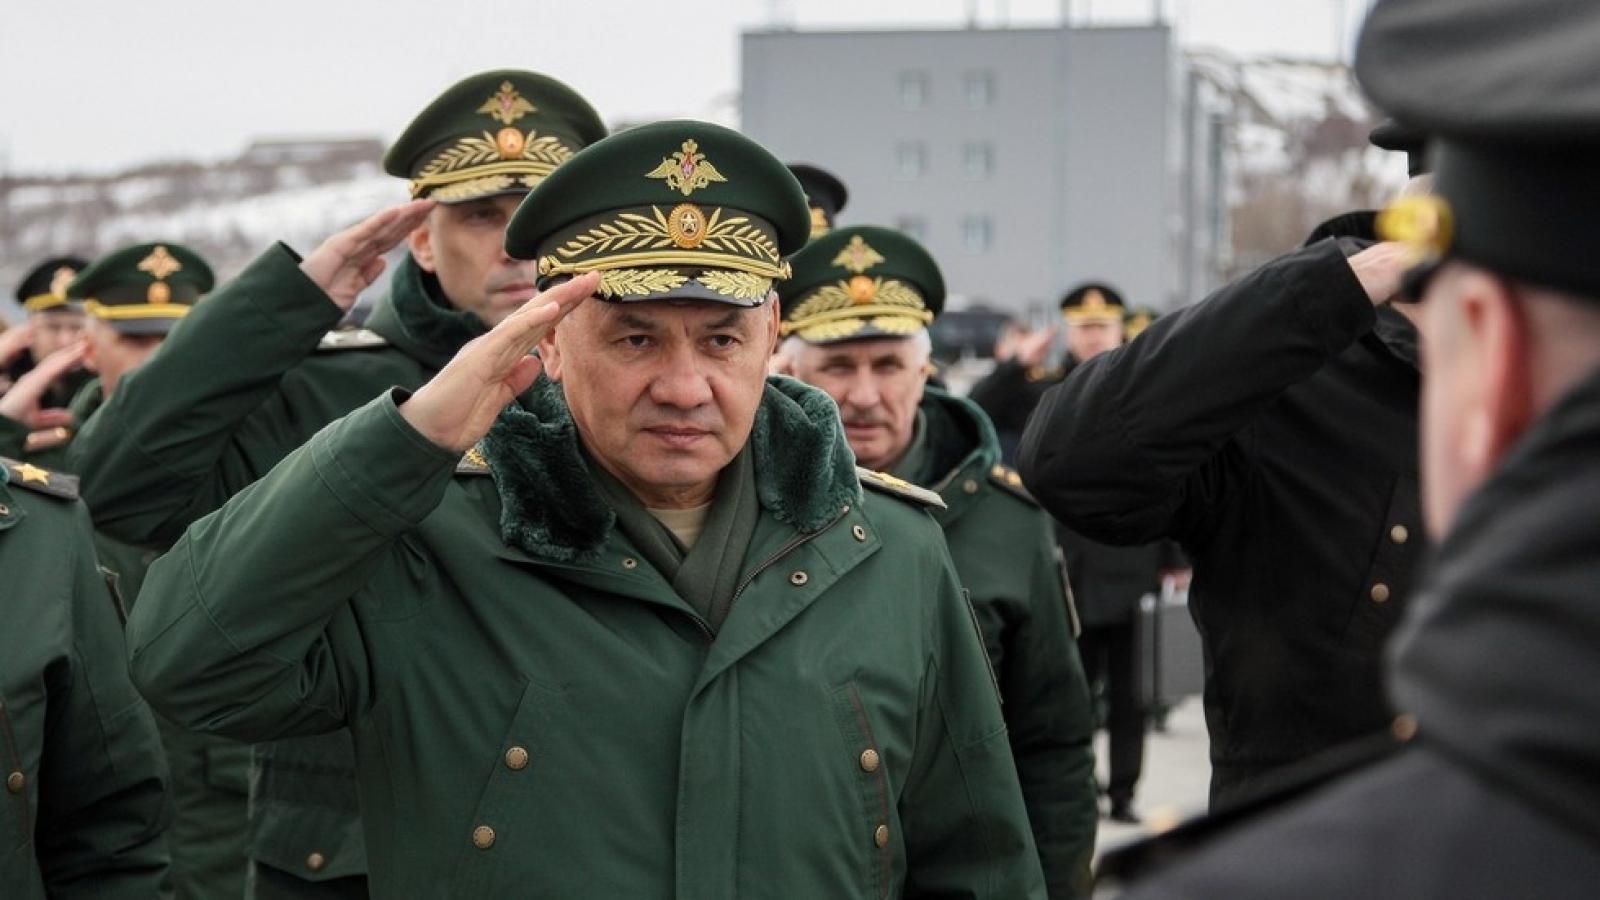 """Căng thẳng miền đông Ukraine nóng lên, Nga tuyên bố quân đội """"sẵn sàng chiến đấu"""""""